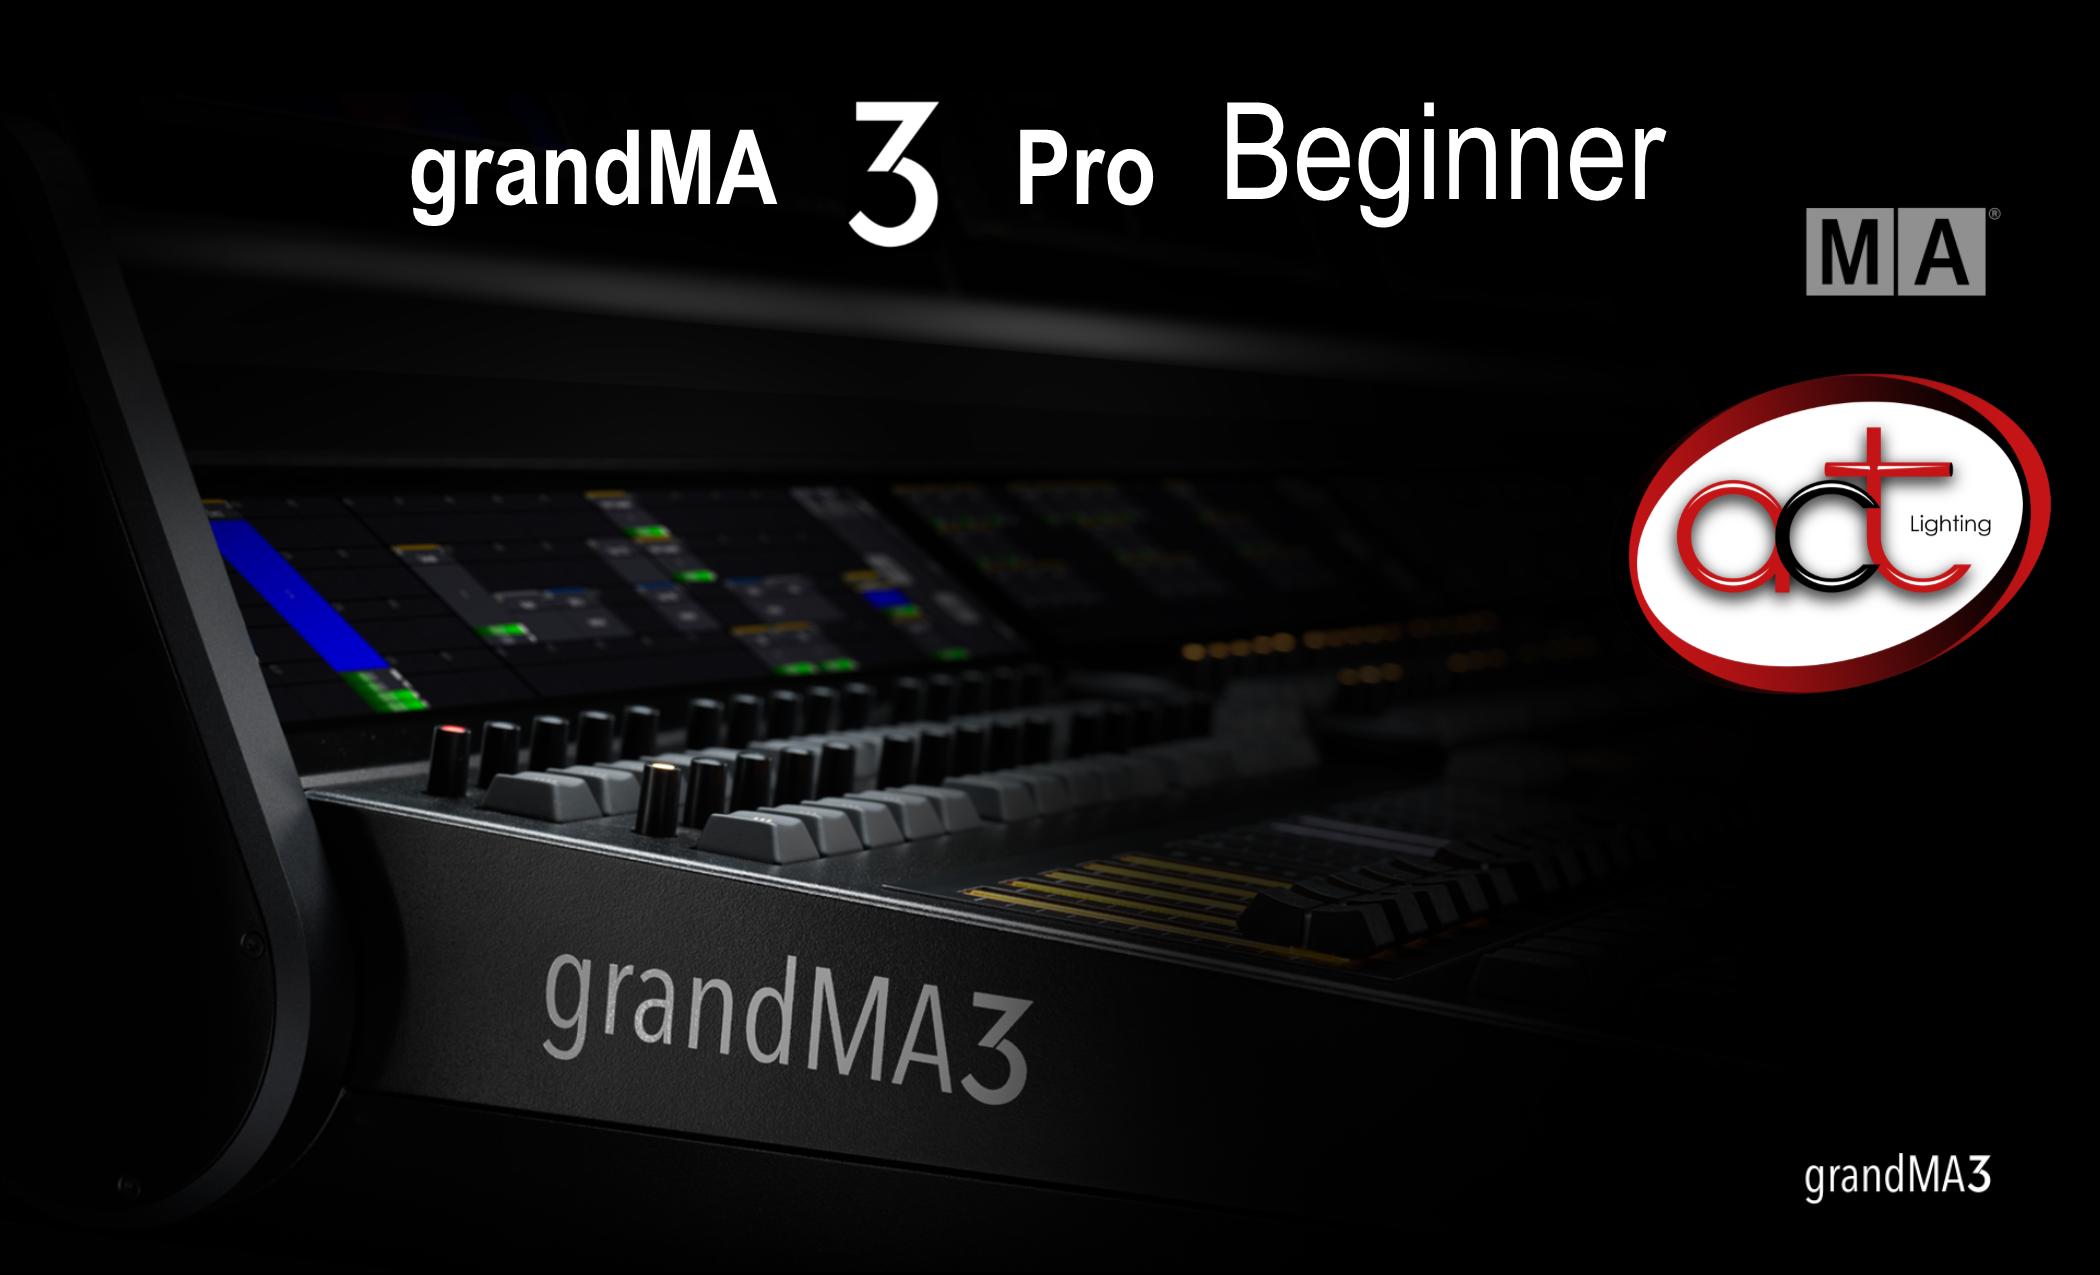 grandMA3 Pro Beginner